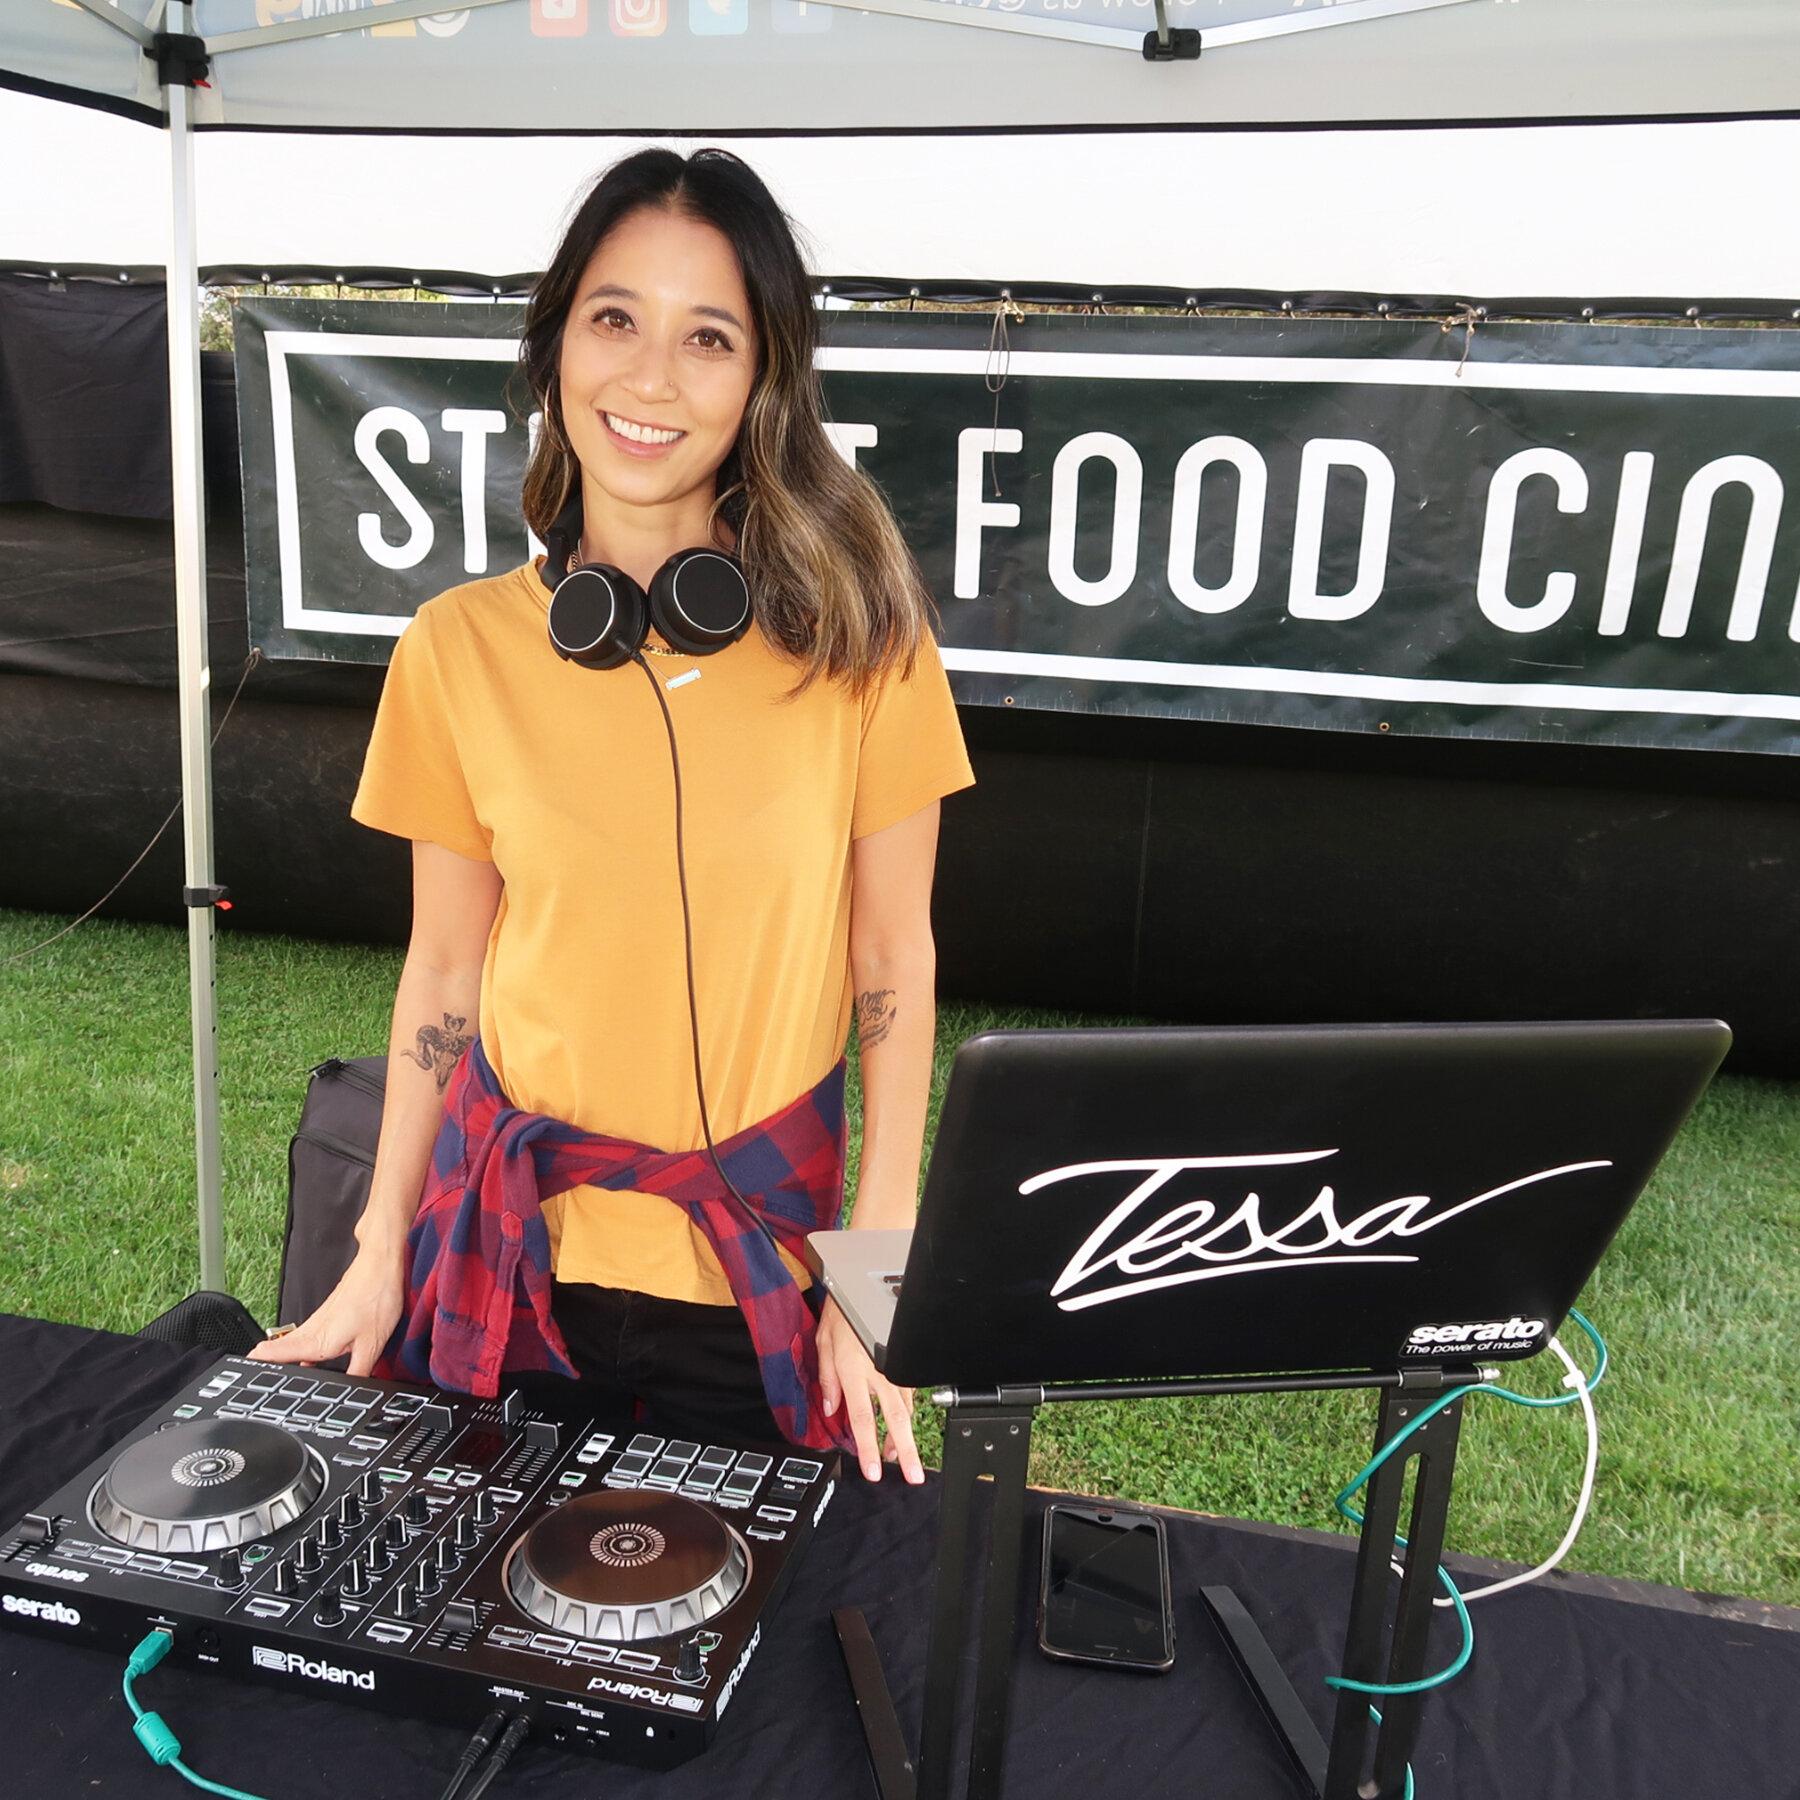 DJ Tessa Prism DJs Street Food Cinema.jpg